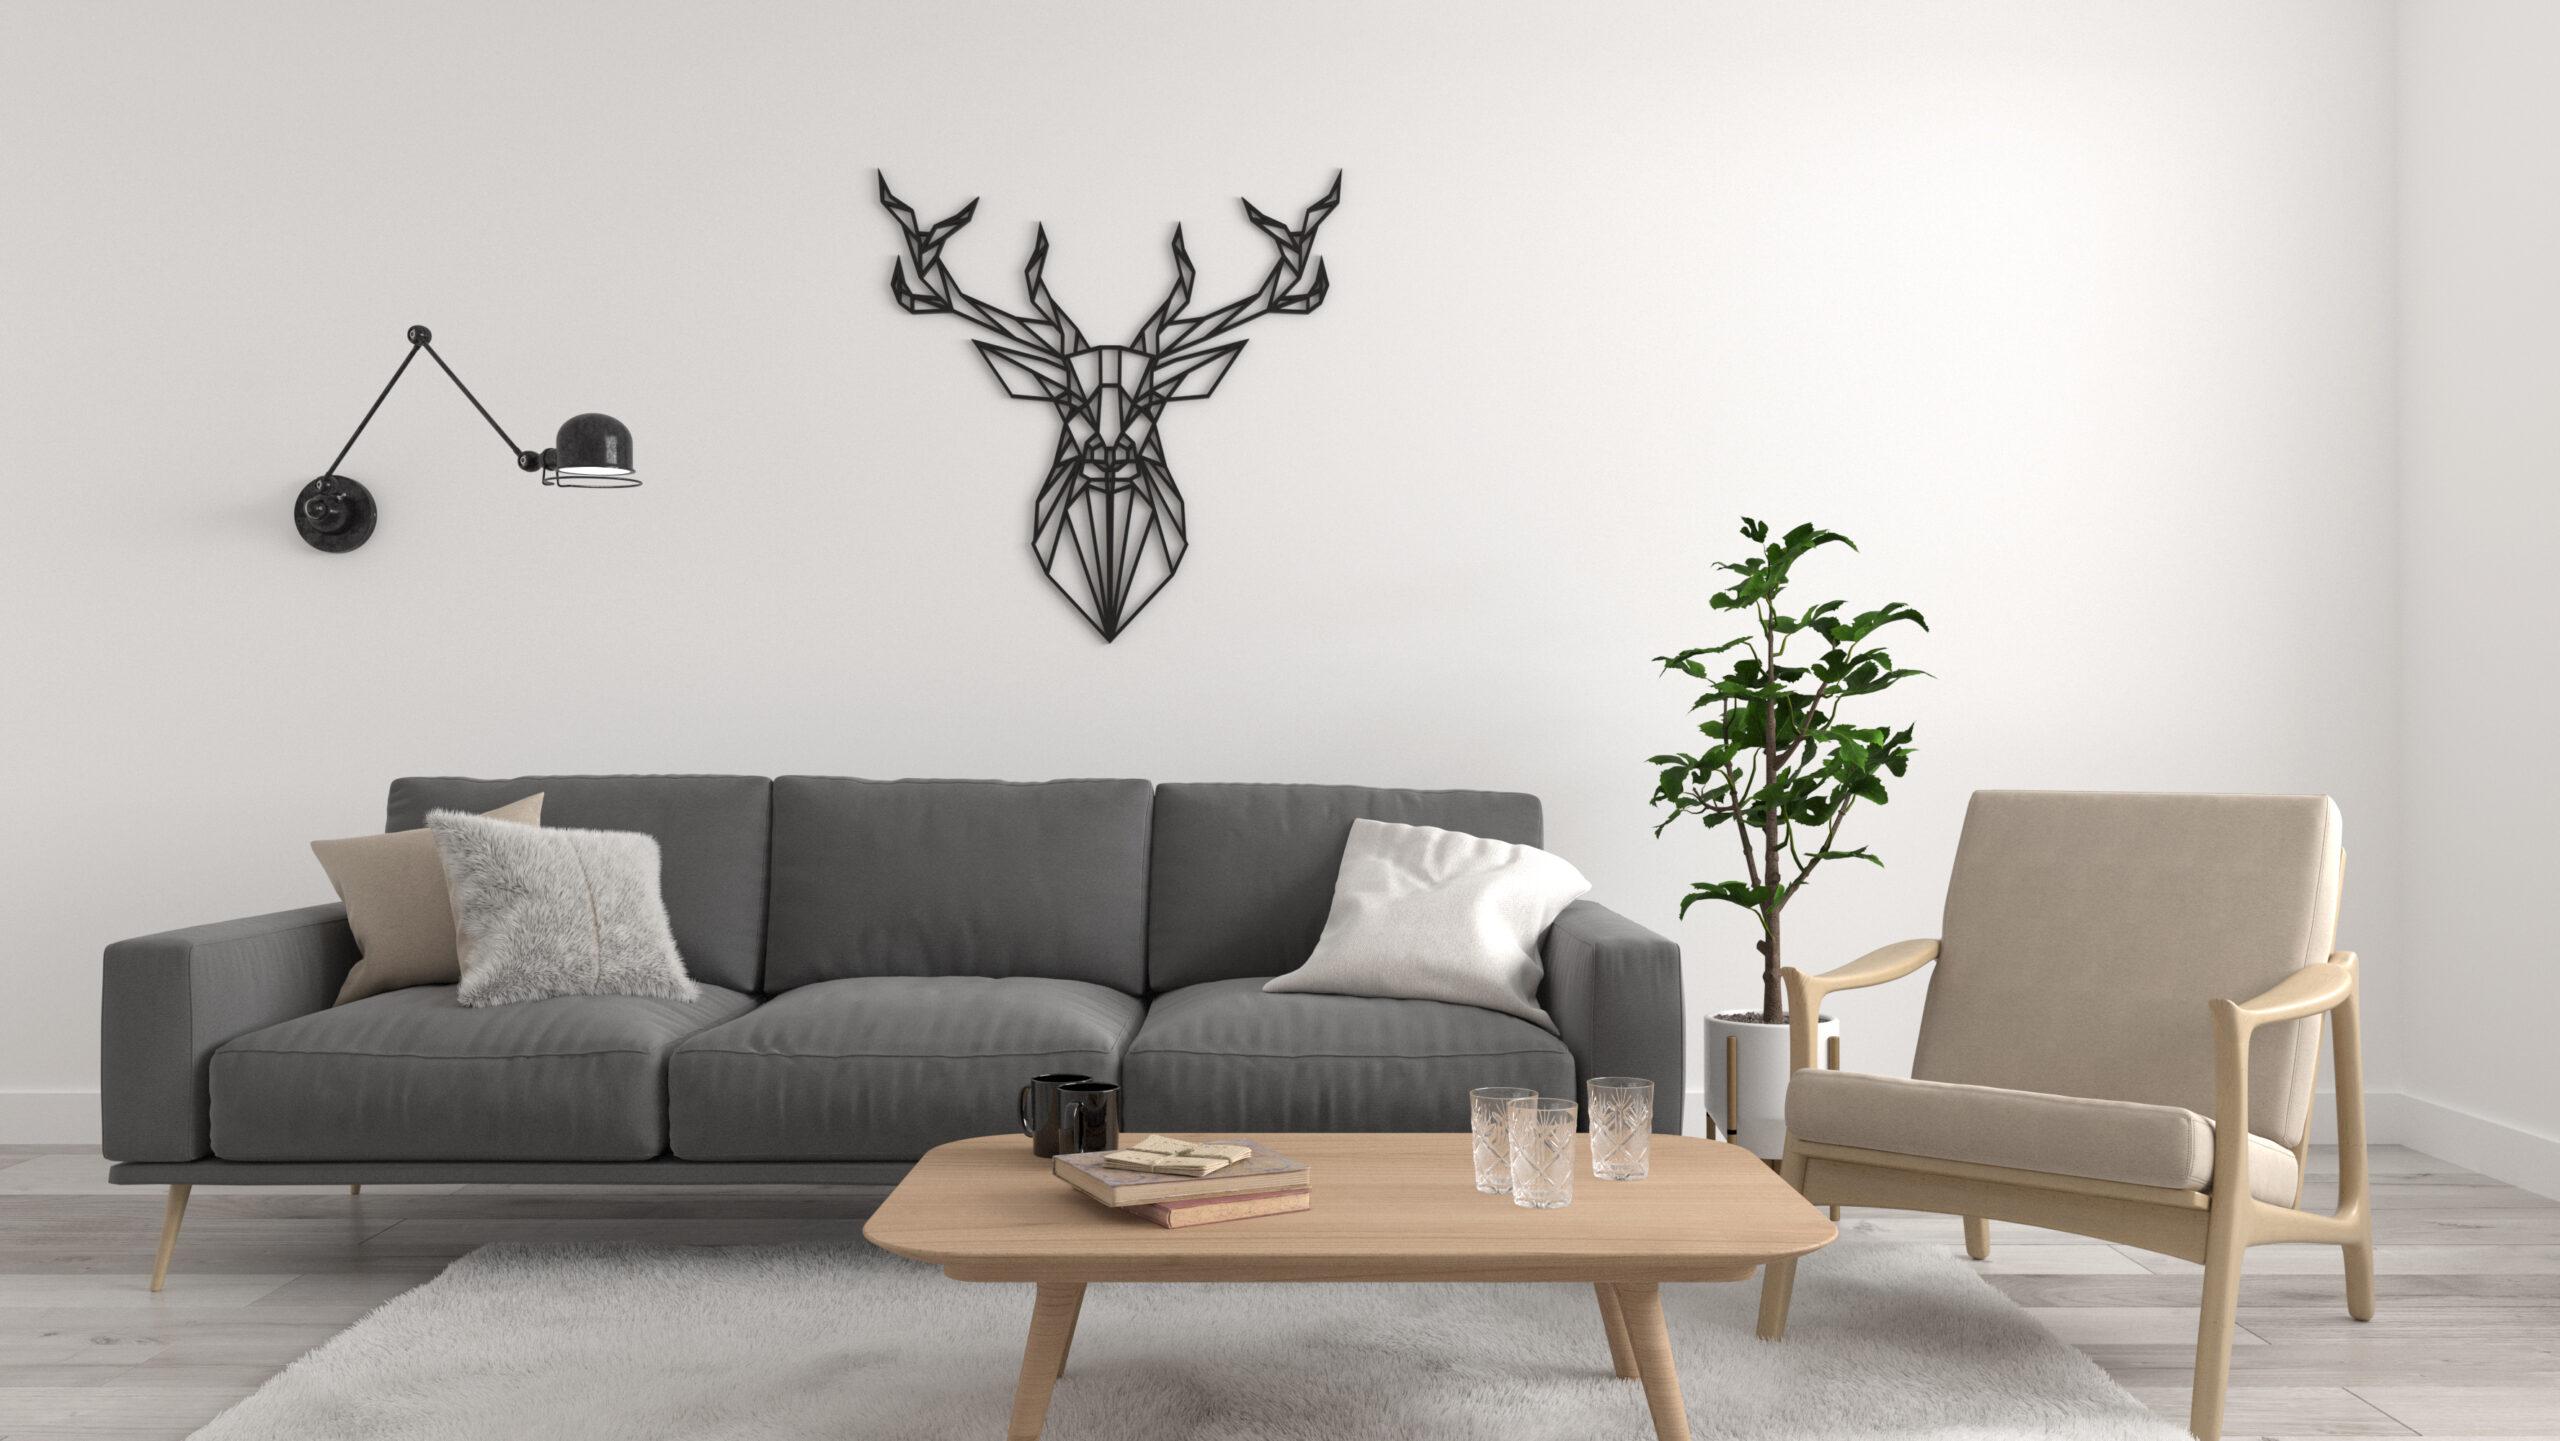 jeleń ażurowy, dekoracja na ścianę ażurowa